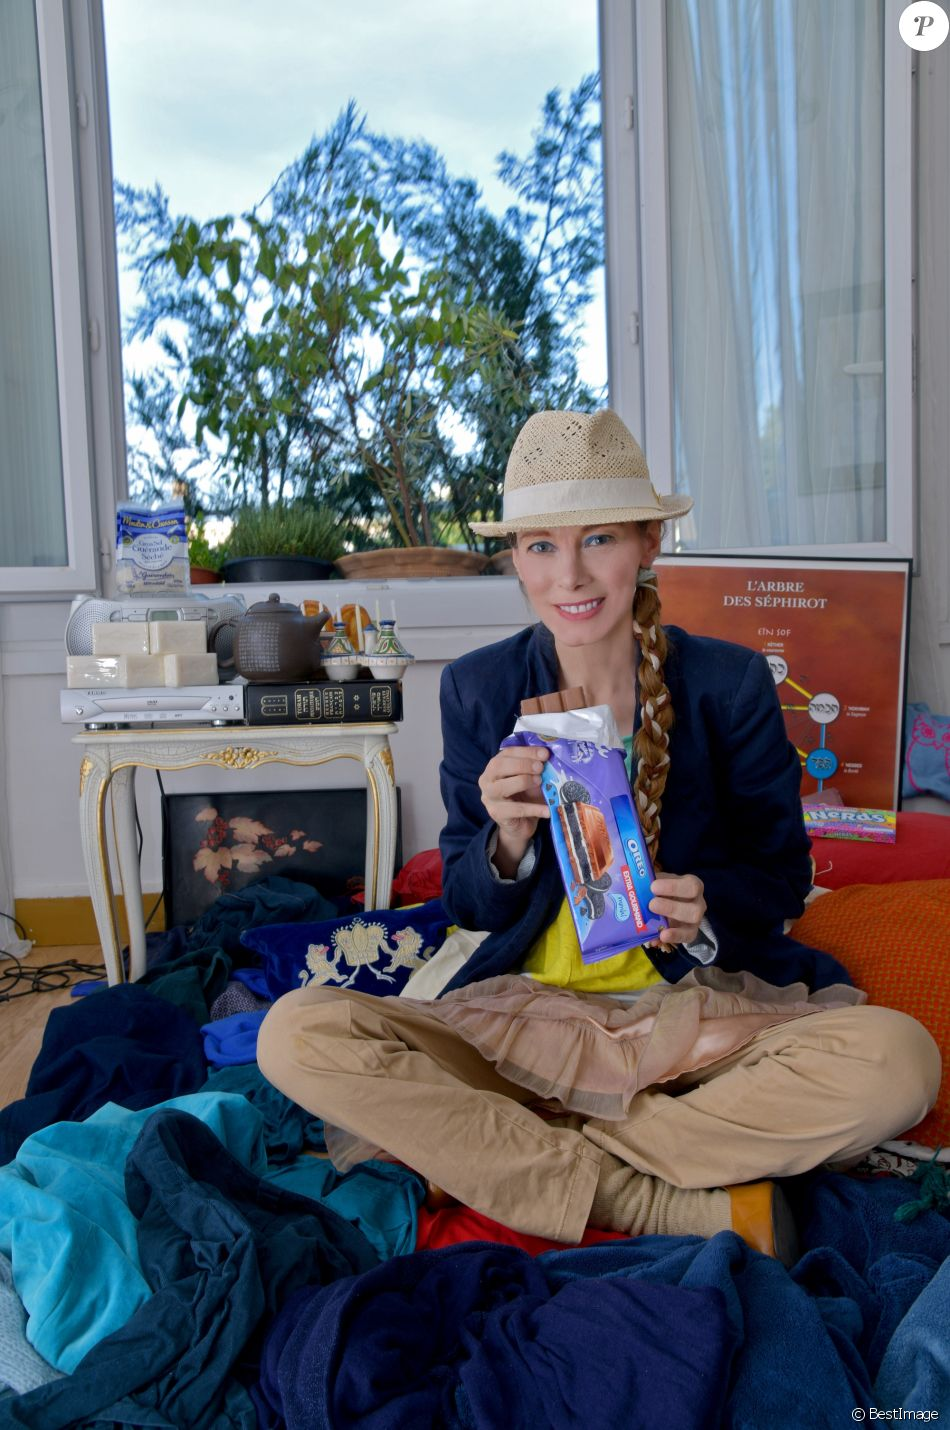 Mallaury Nataf chez elle à Issy-les-Moulineaux le 11 août 2018 @Giancarlo Gorassini/Bestimage